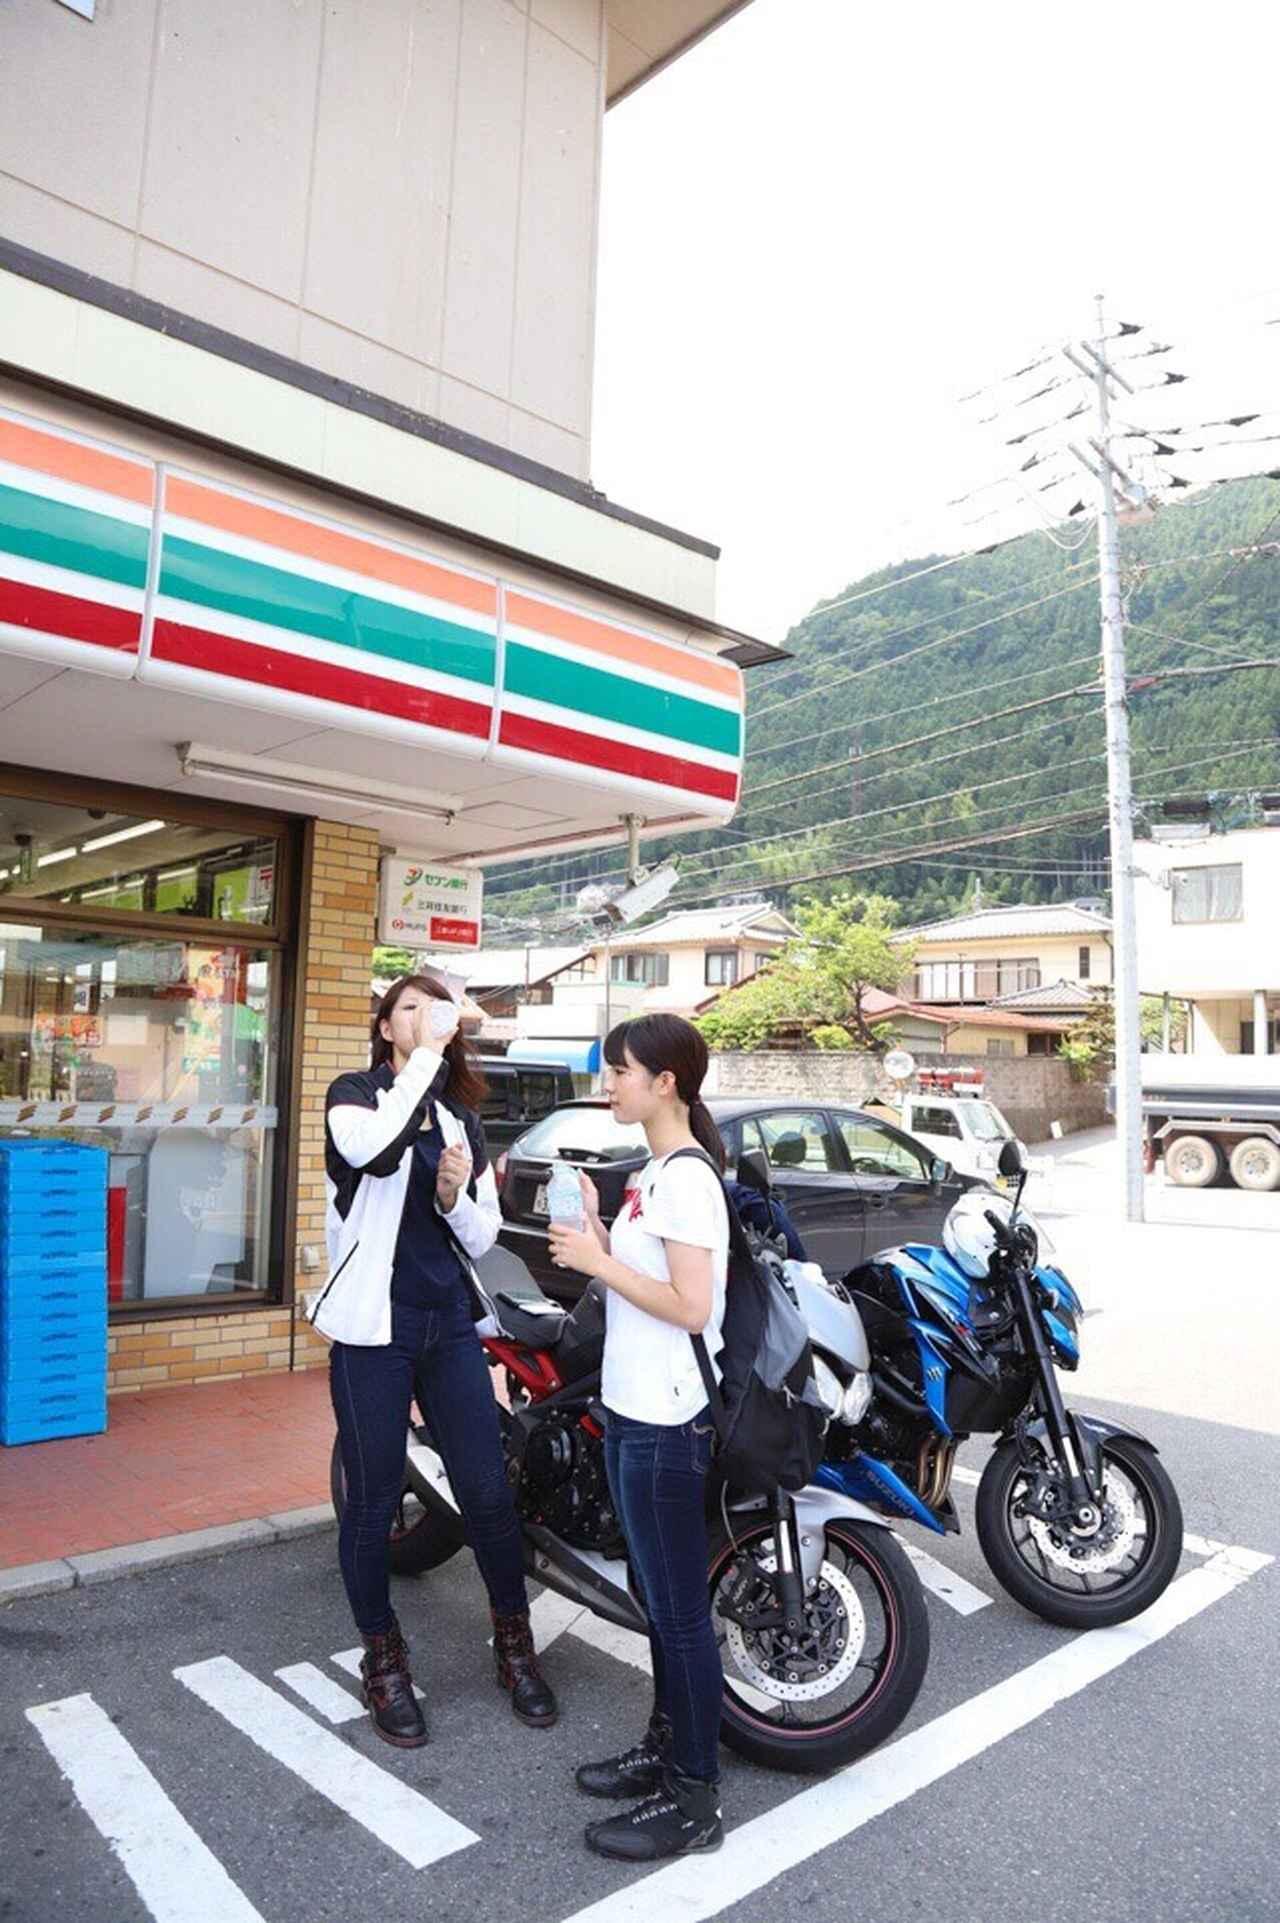 画像20: [女子部のふたツー]目指すは有名クレープ店! 猛暑の東京ツーリング!(梅本まどか 編)